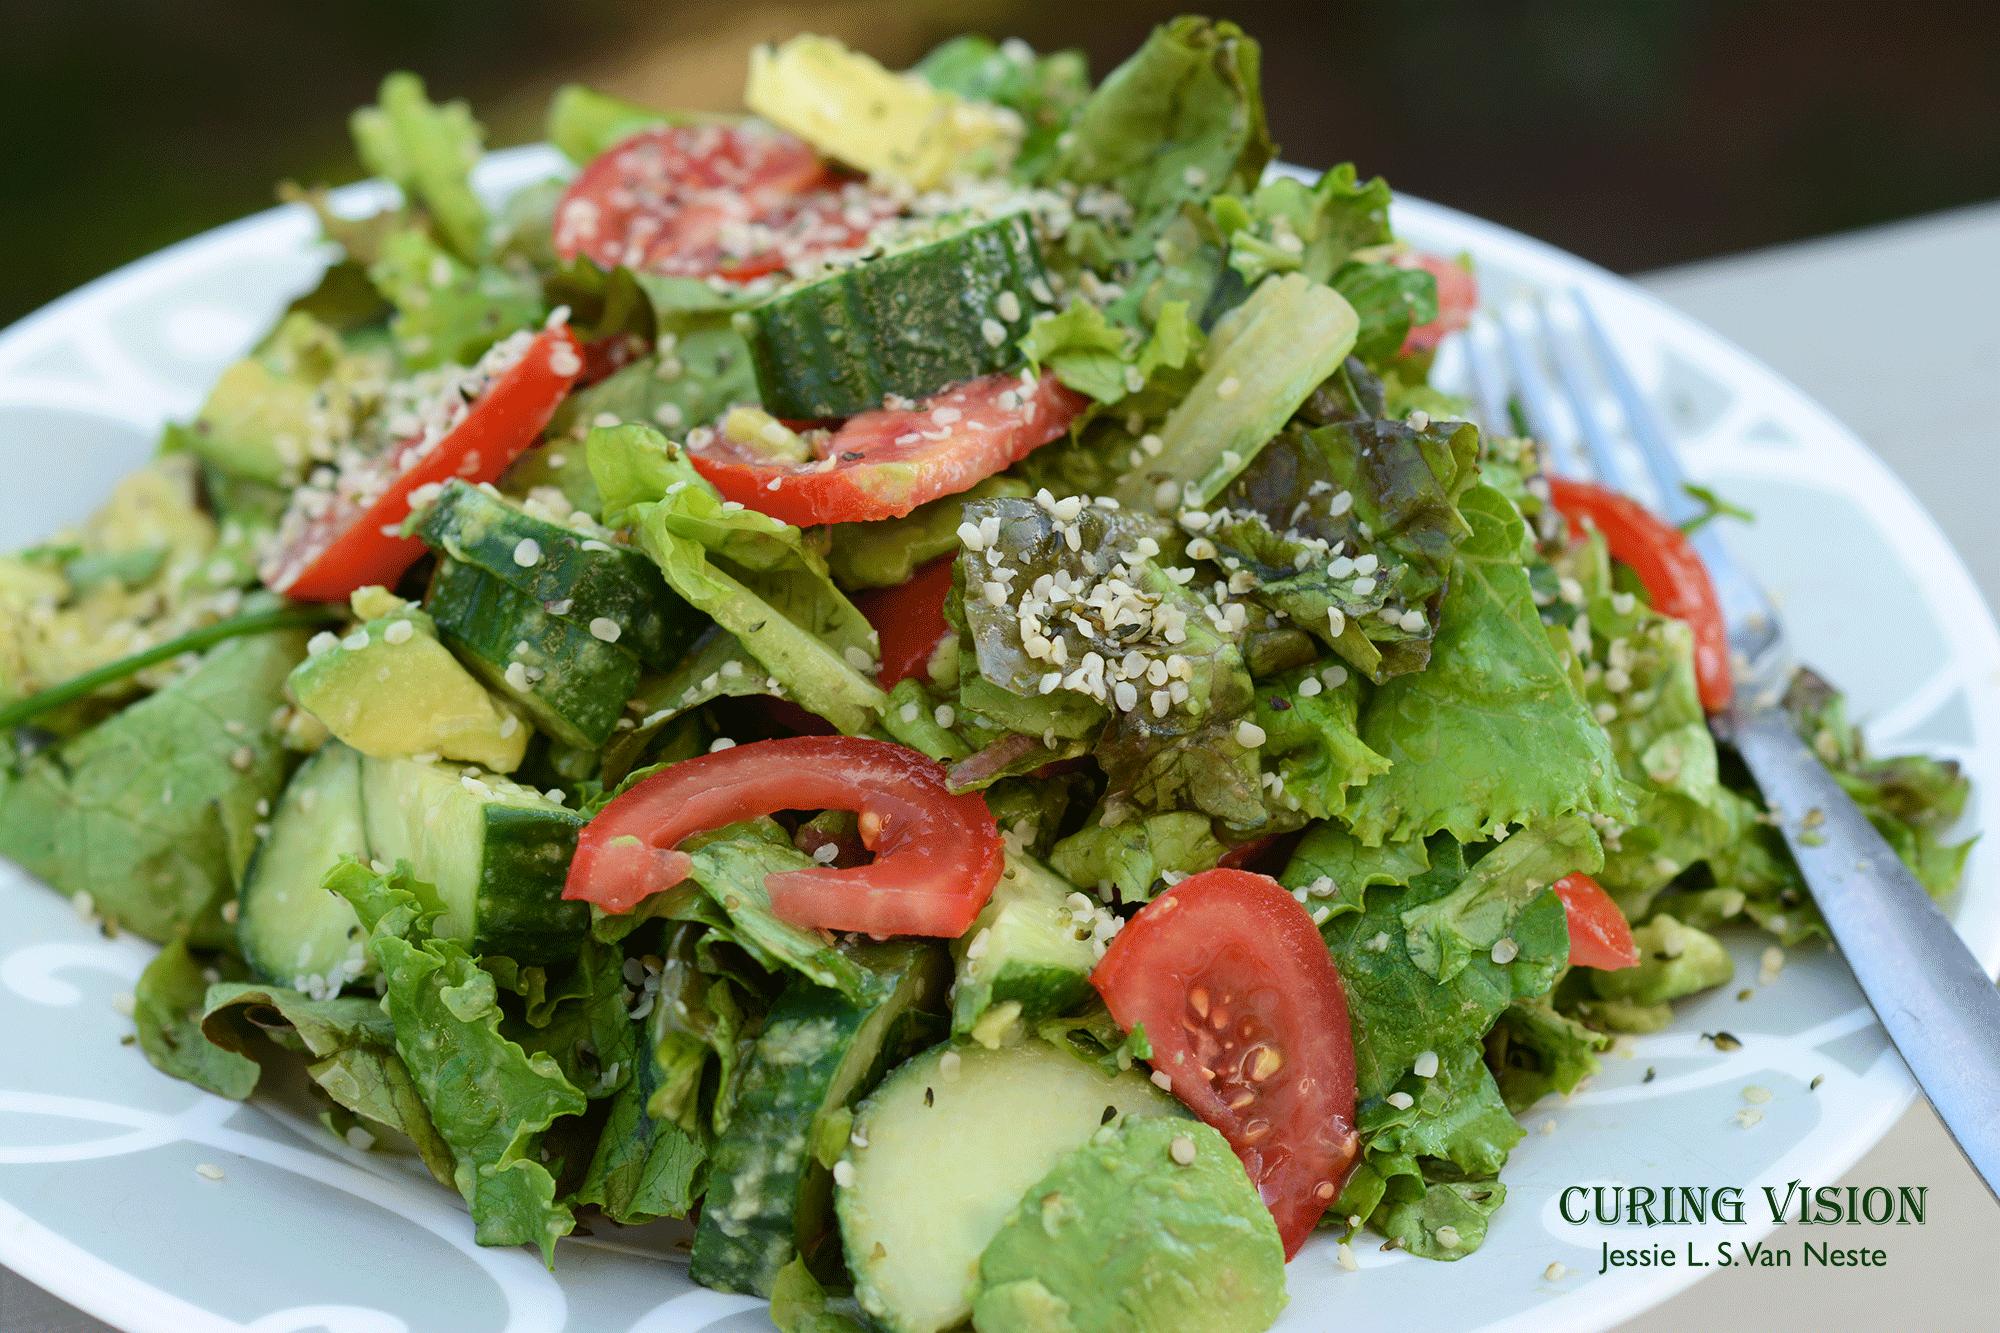 Avocado Hemp Salad for Alkaline Diet, Paleo Diet, AI Paleo Diet, Wahls Protocol, or Raw Vegan Diet